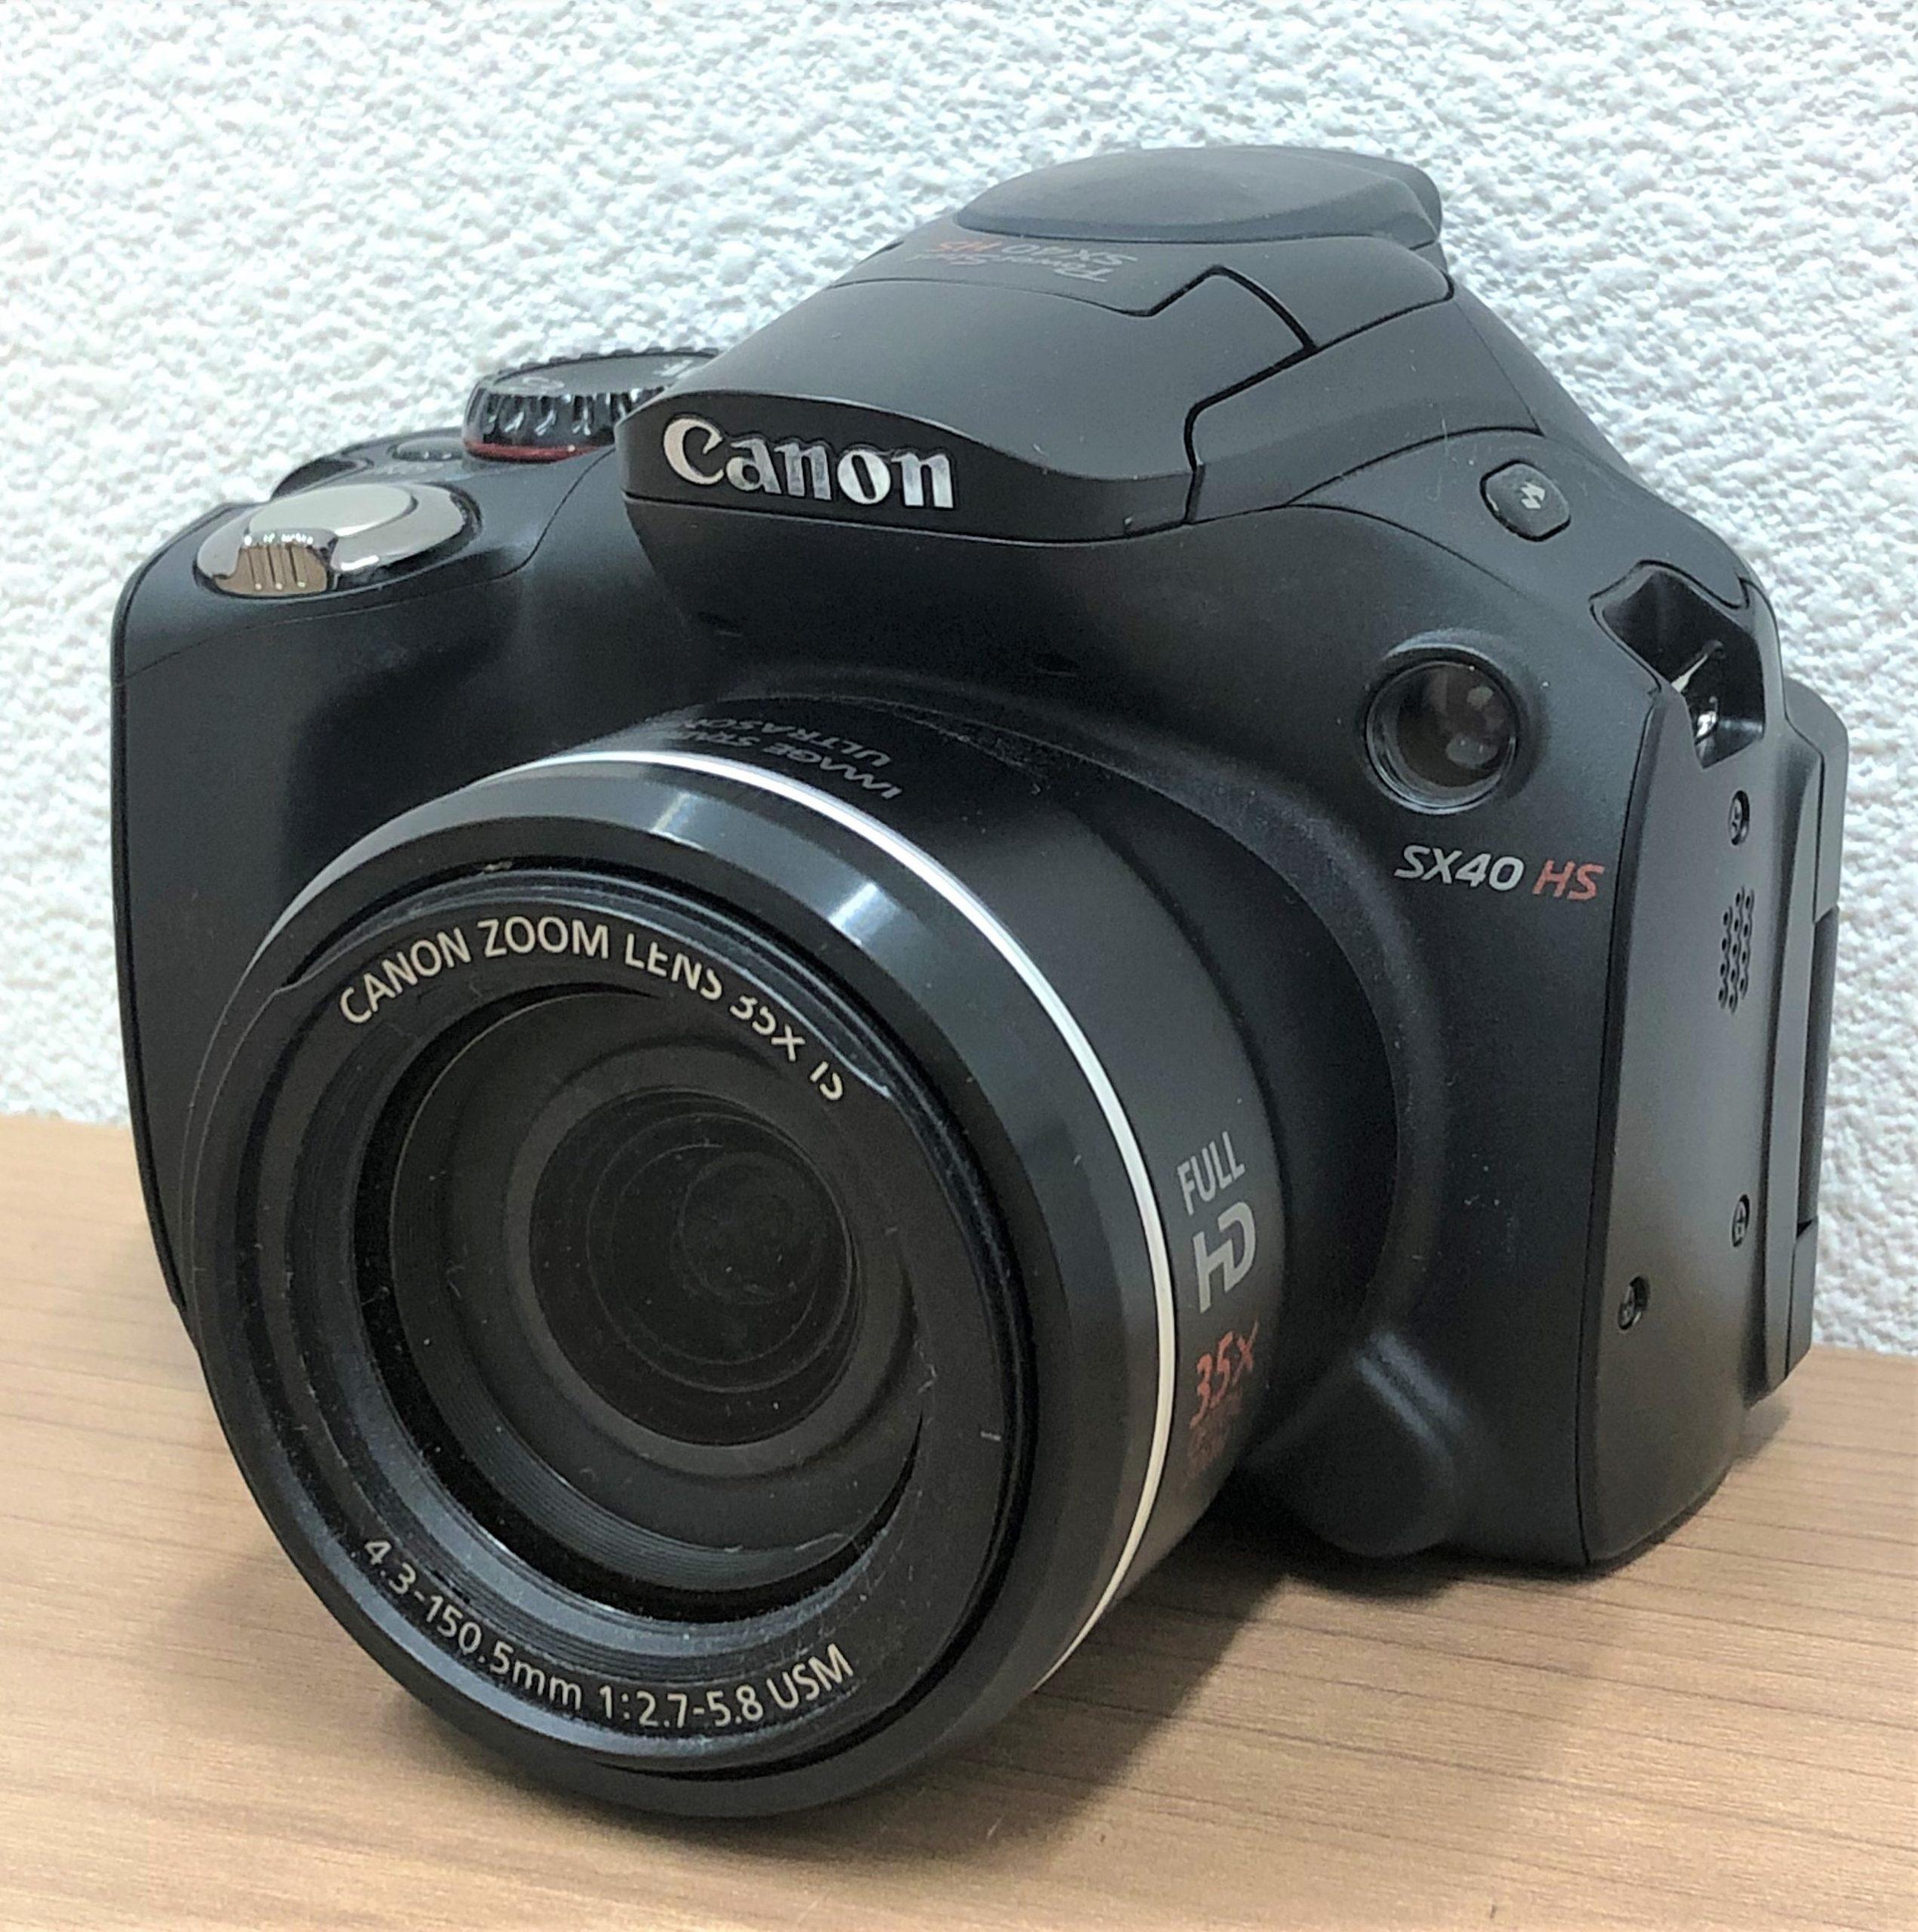 【Canon/キャノン】パワーショット SX40 HS デジタルカメラ